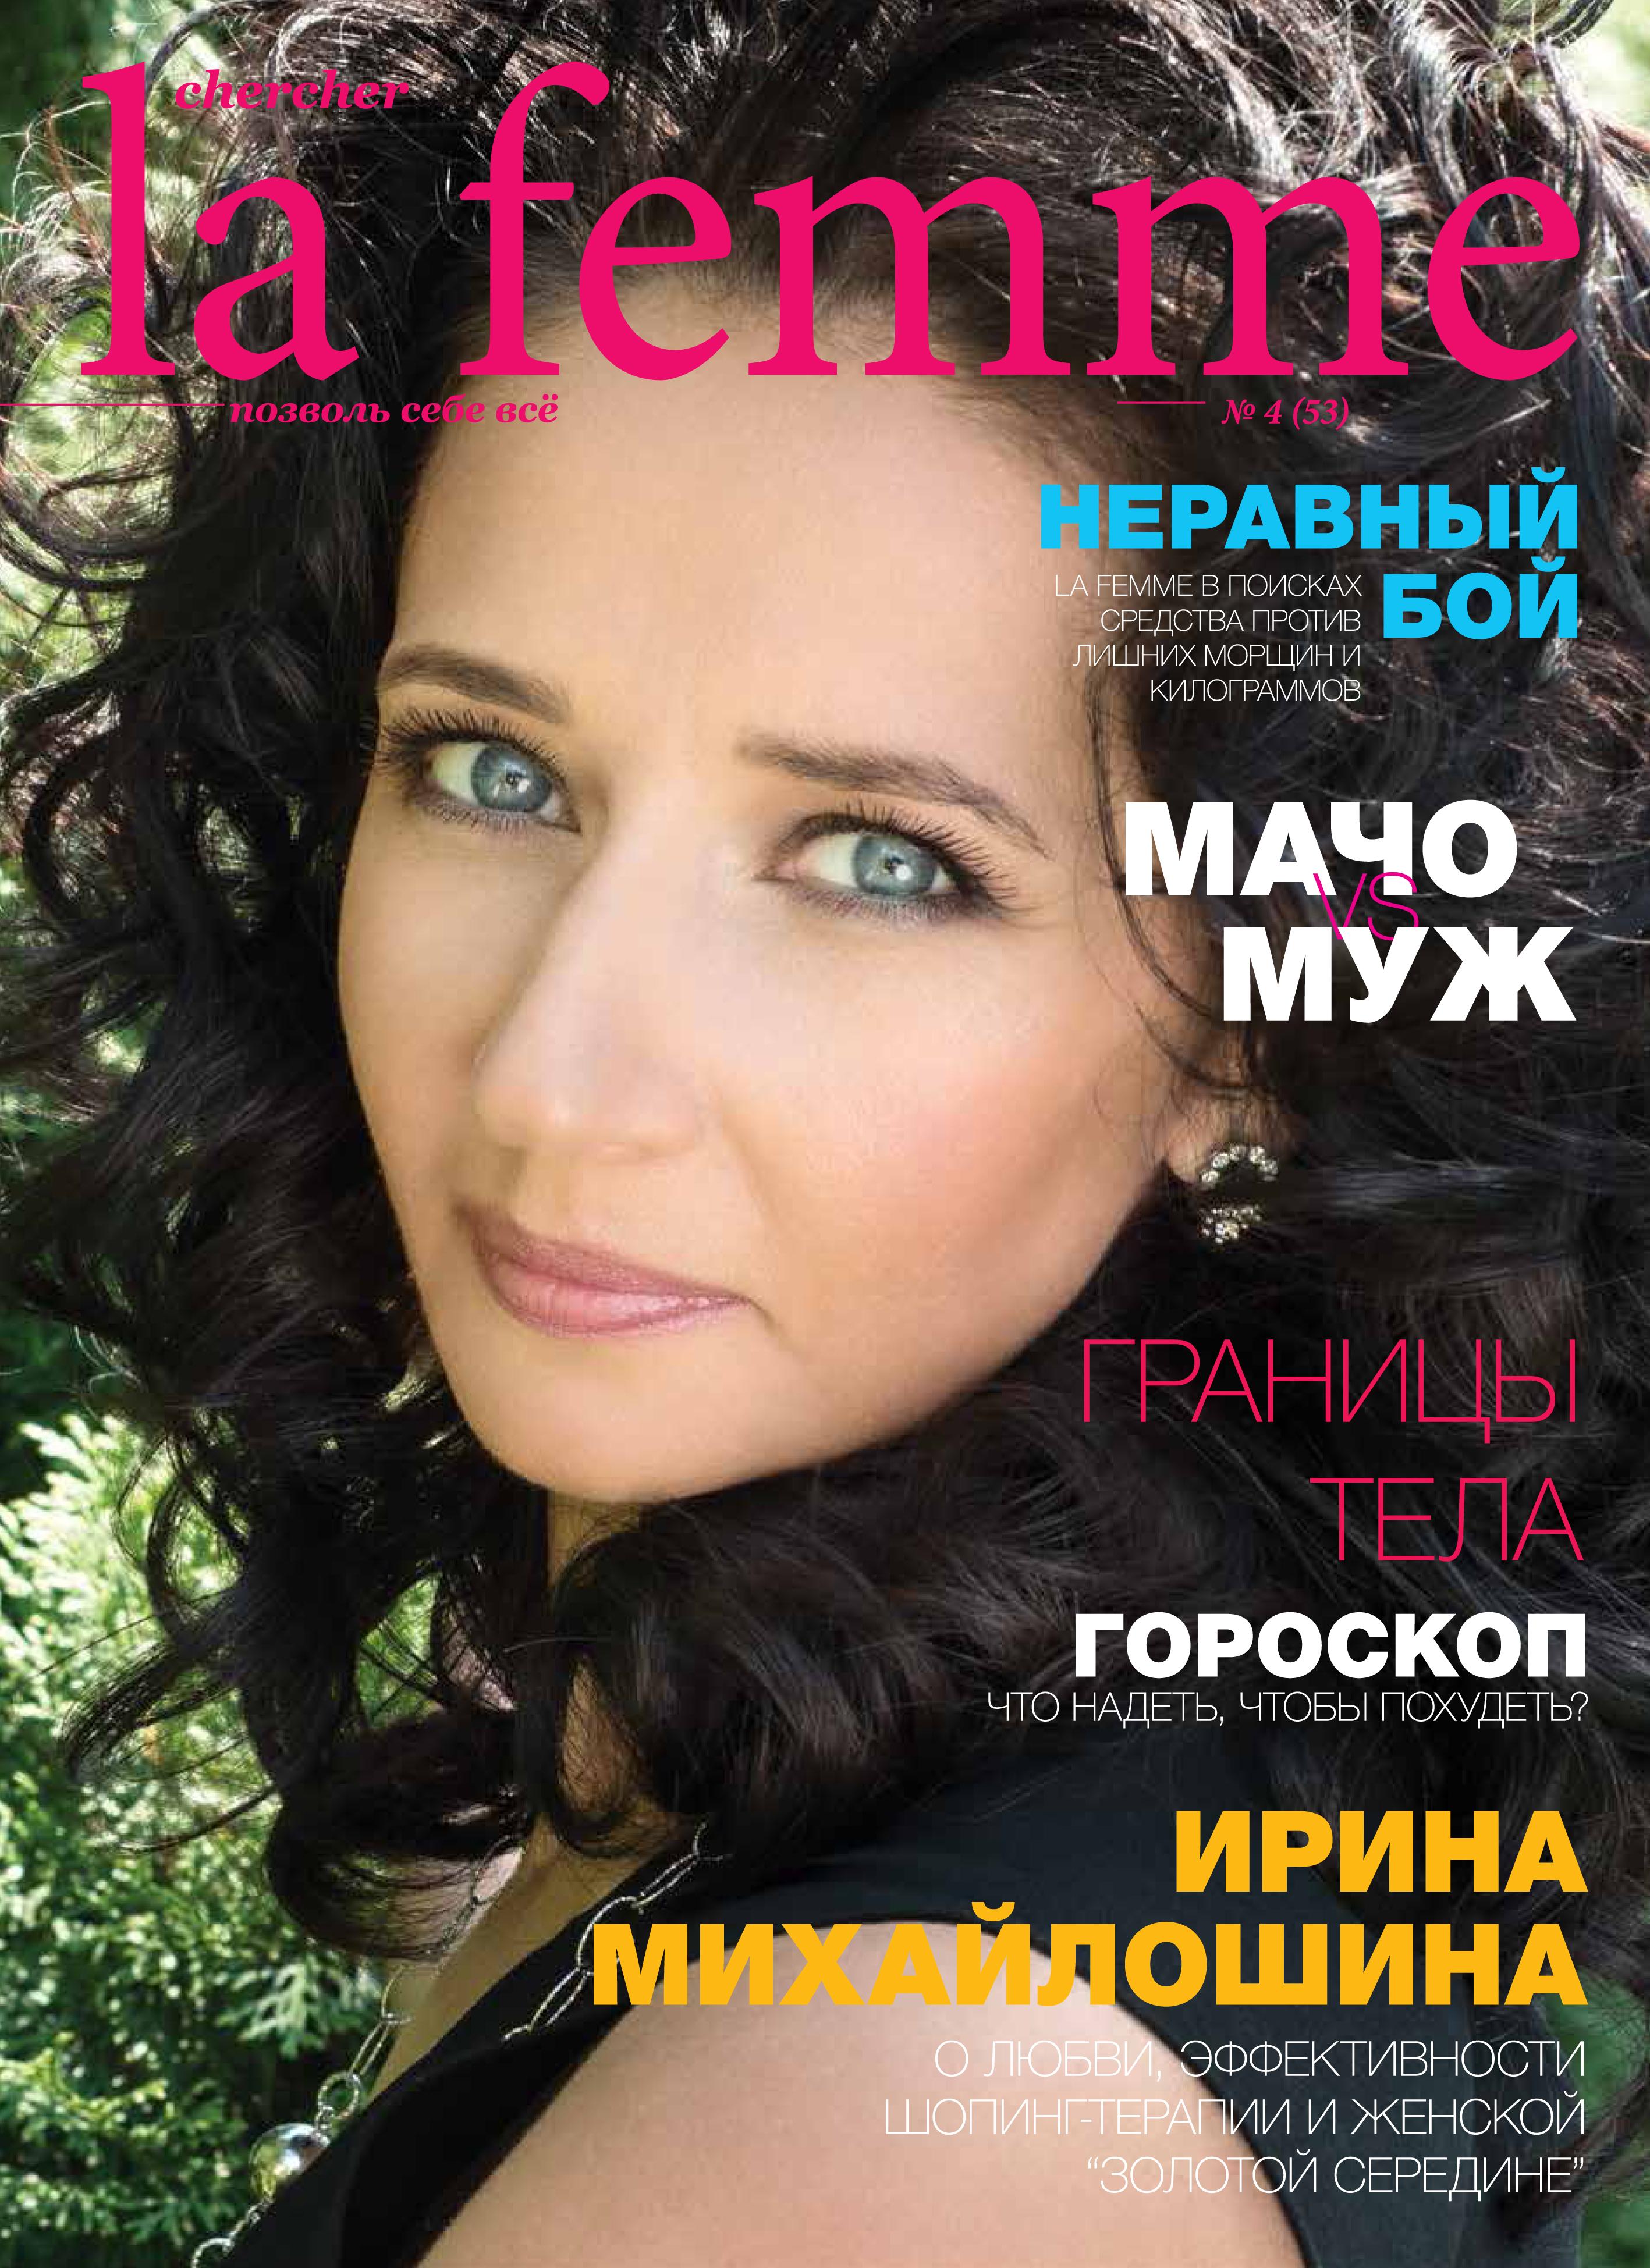 Ирина Михайлошина